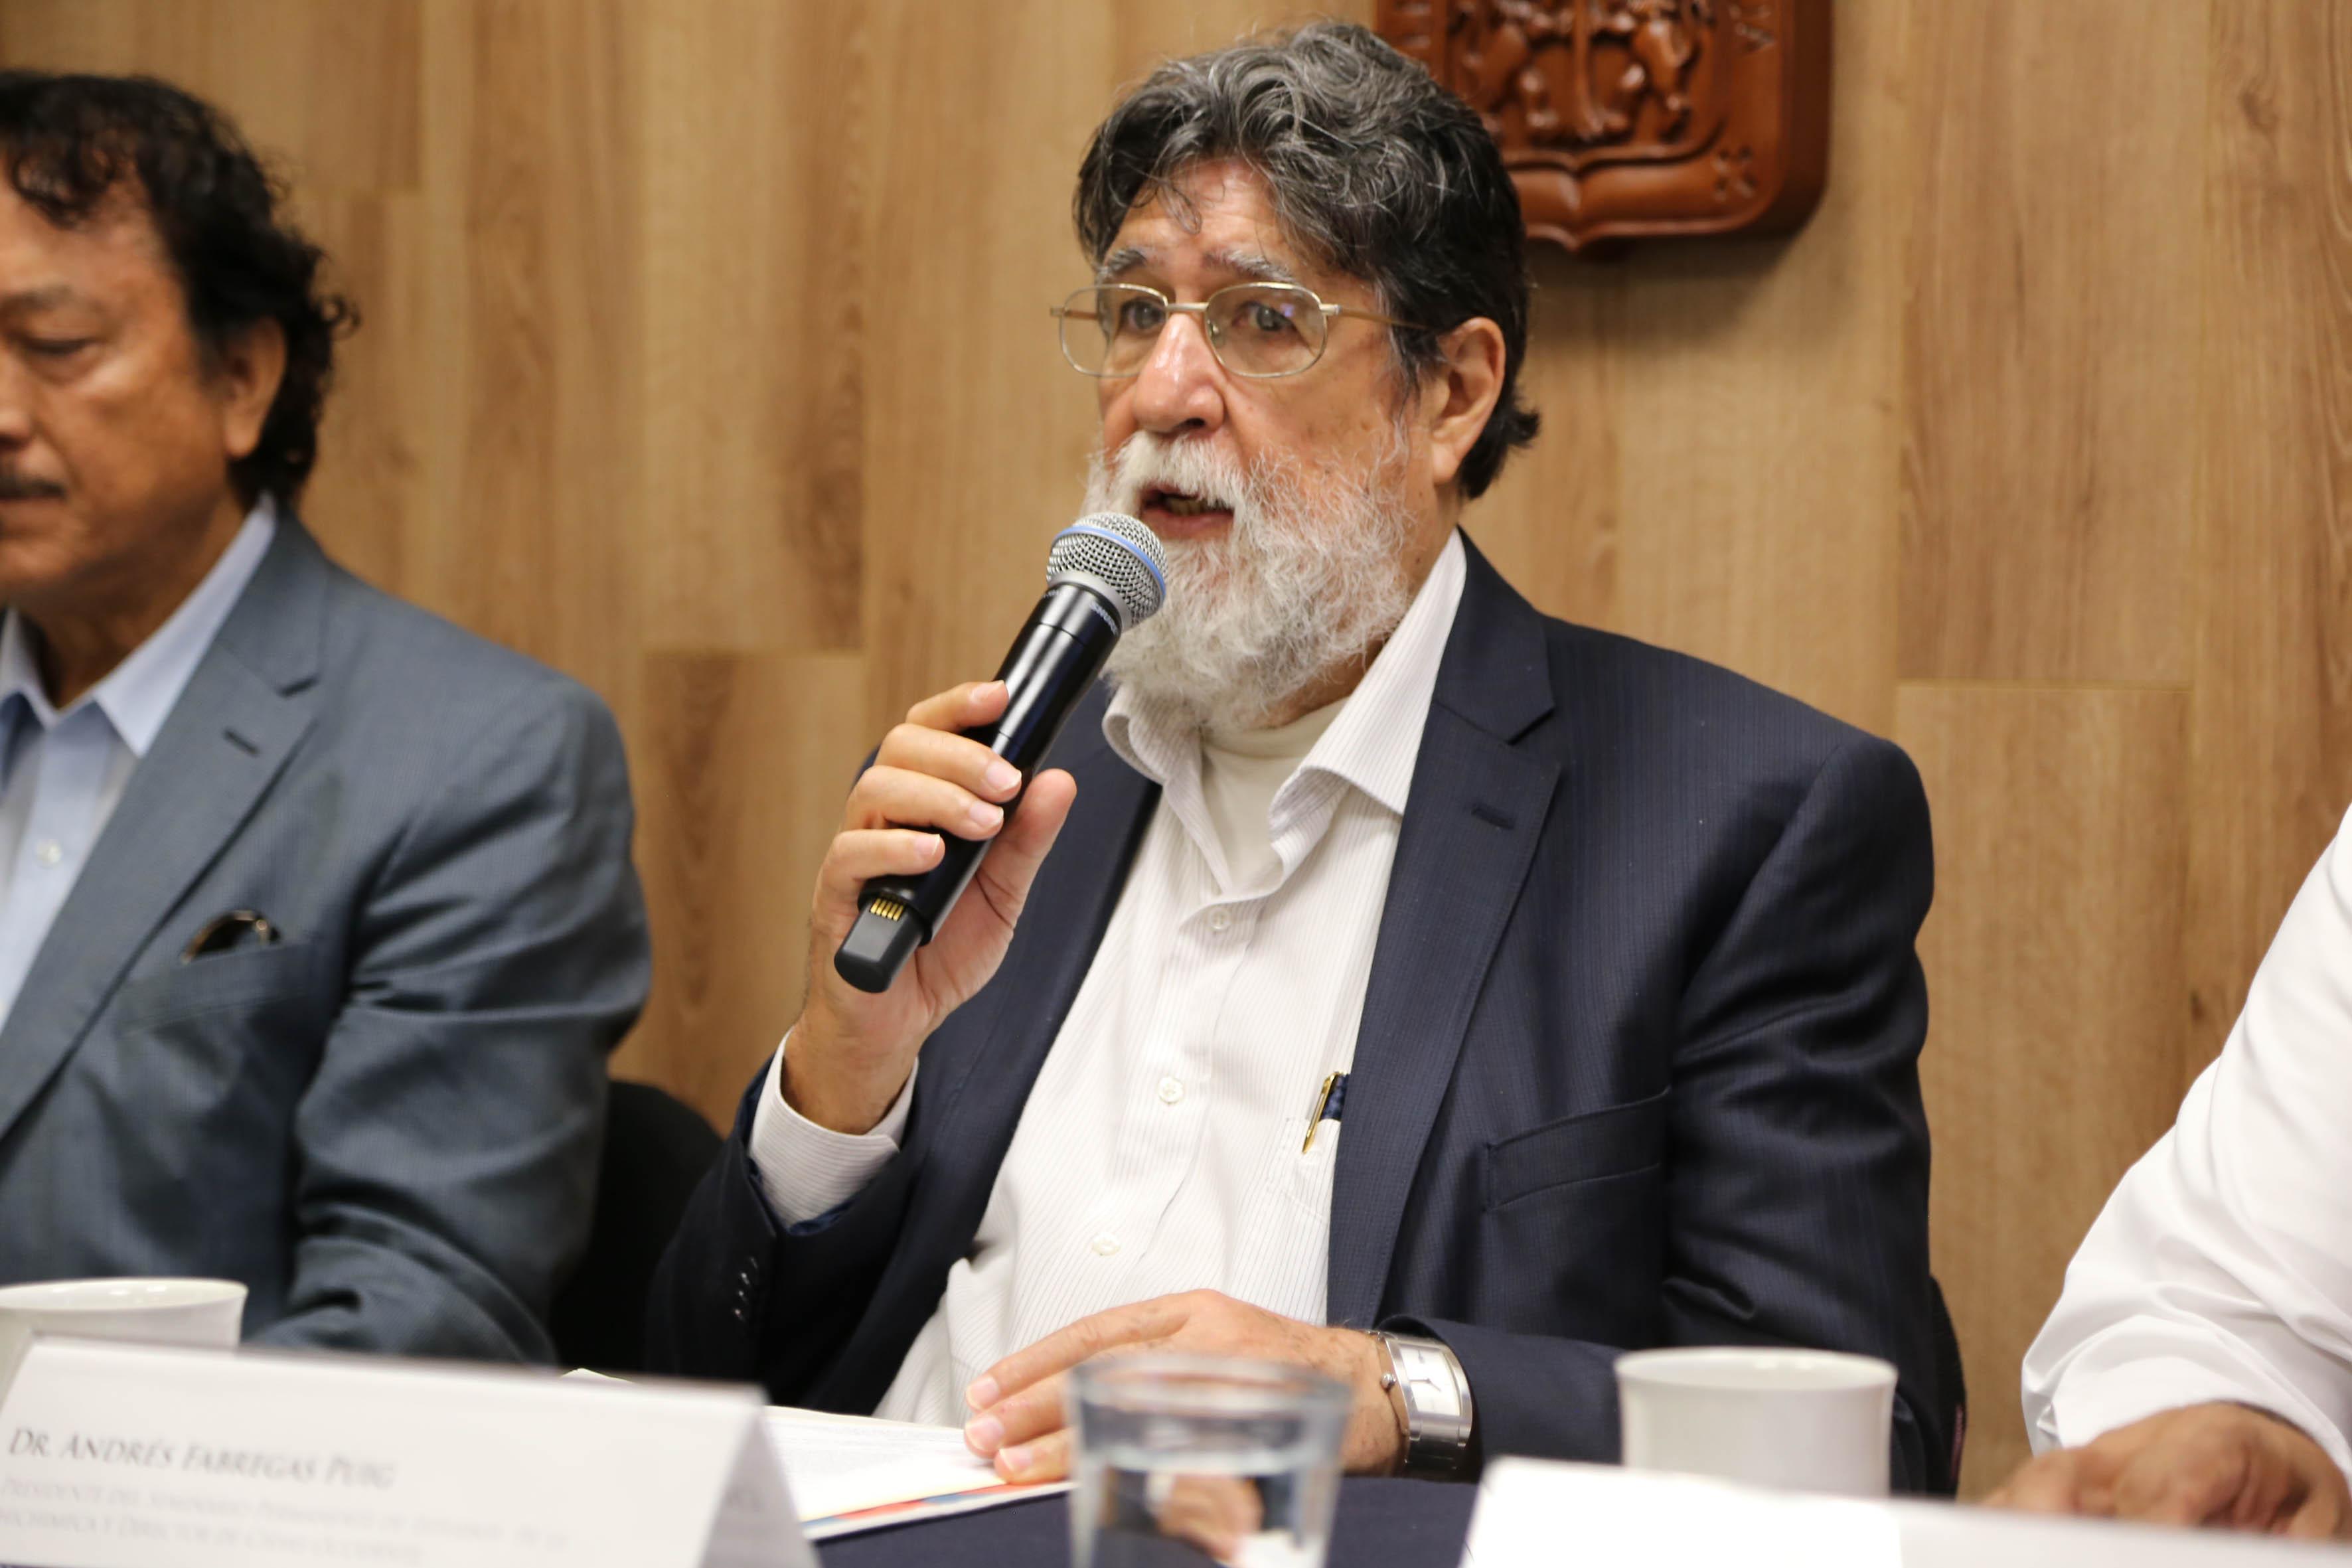 Dr. Andrés Fábregas, presidente del Seminario Permanente de Estudios de la Gran Chichimeca (SEPECH)